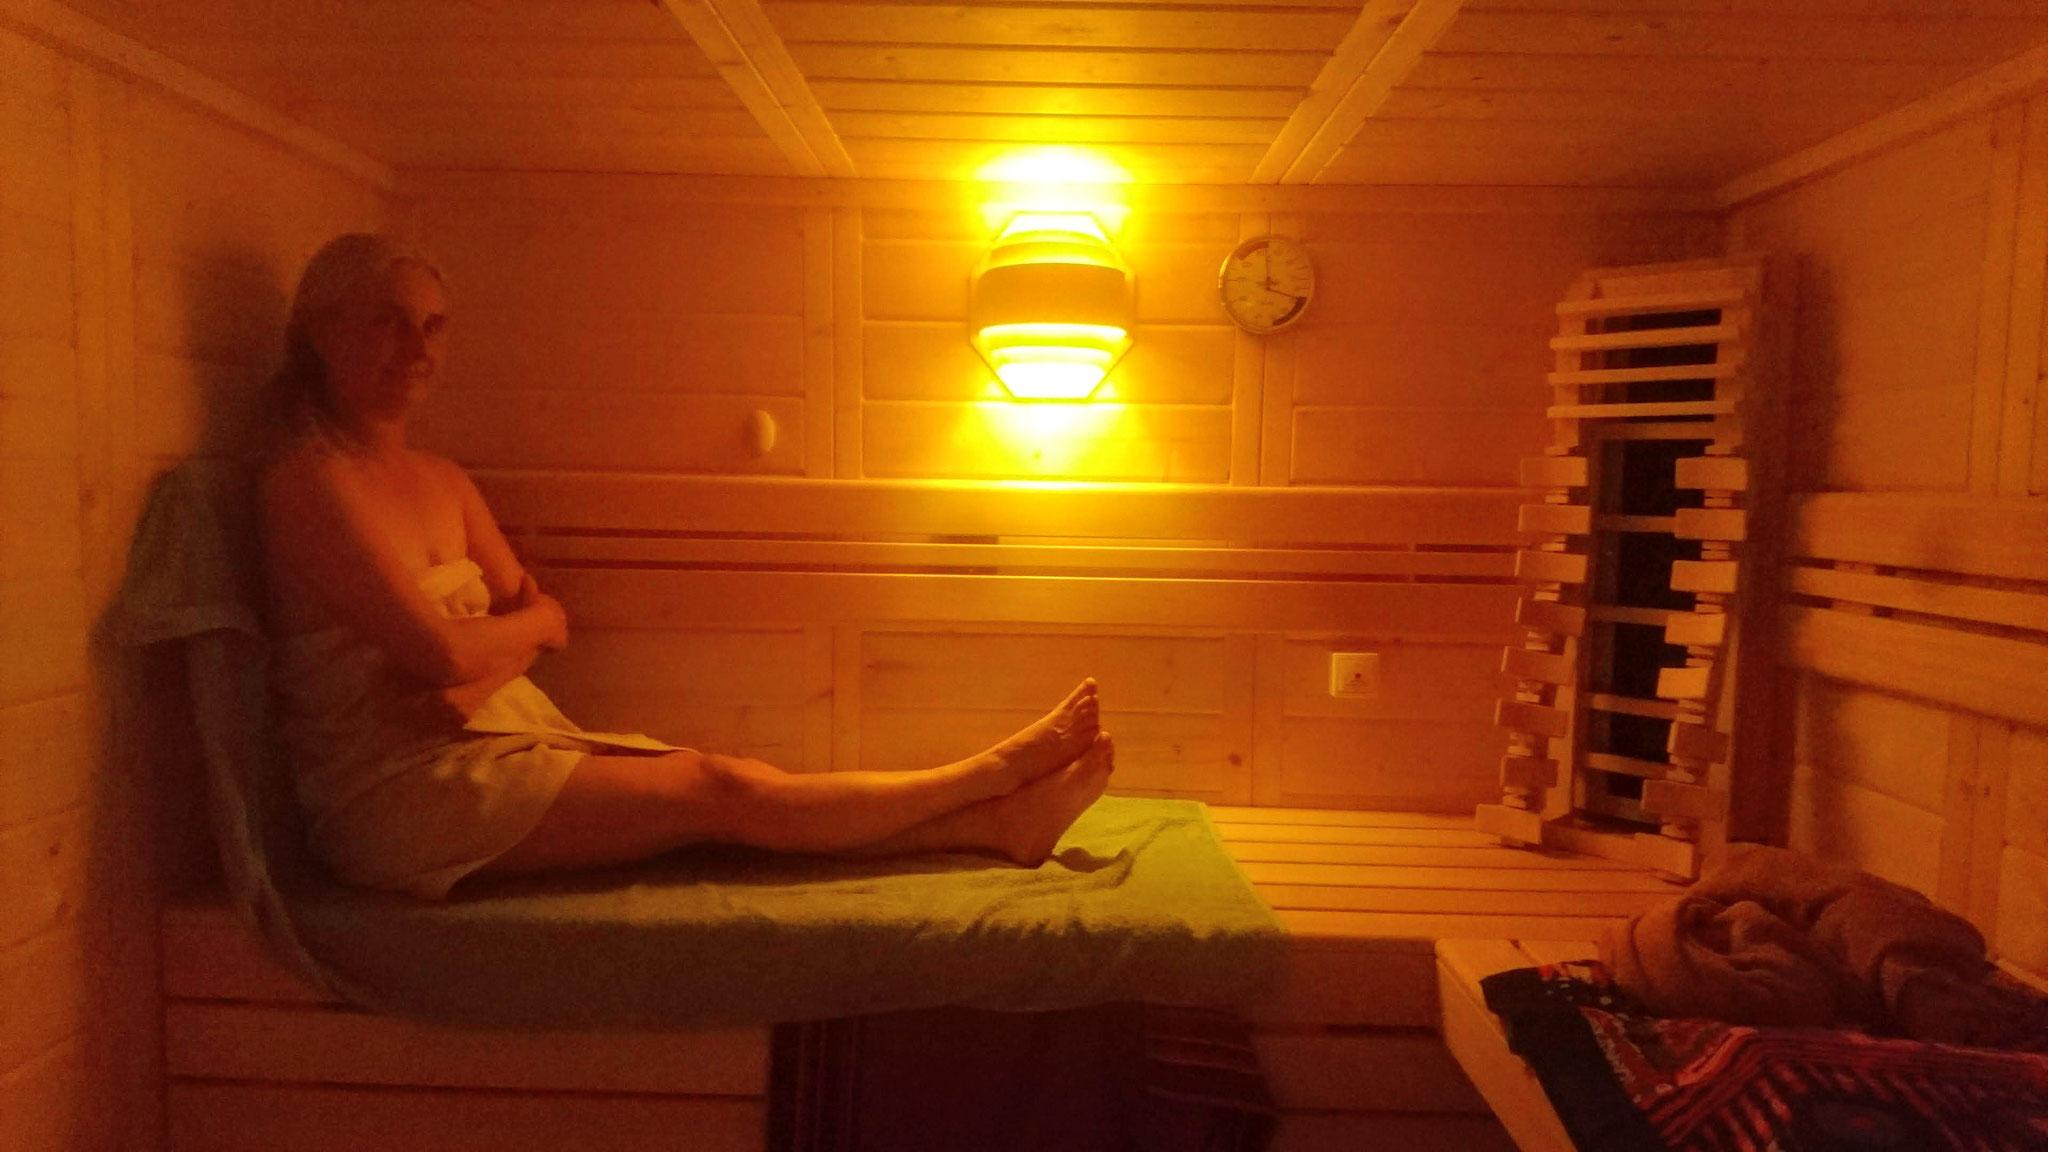 Die Blockbohlensauna bietet zahlreiche Saunavarianten